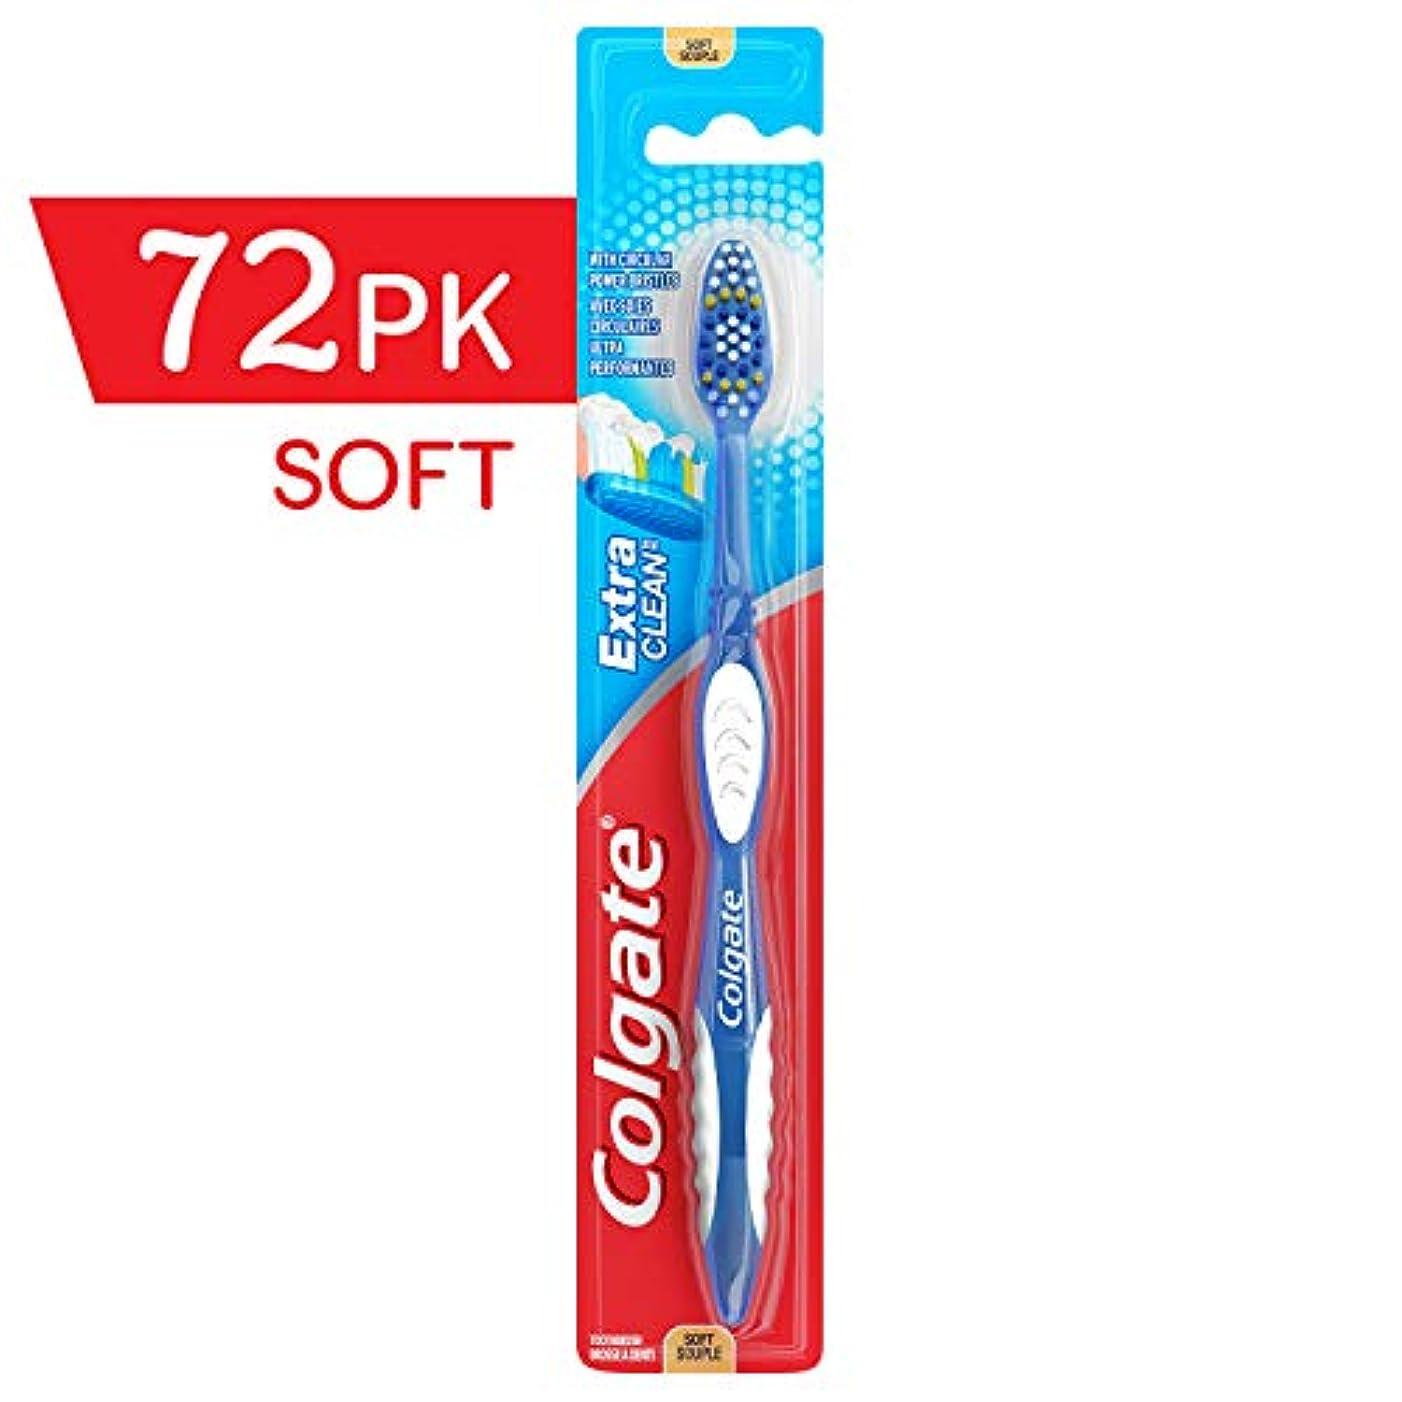 戦争解放ヒントColgate エクストラクリーン歯ブラシソフト、柔らかい歯ブラシ、バルク歯ブラシ、旅行歯ブラシ、(72の場合)(モデル番号:155676)